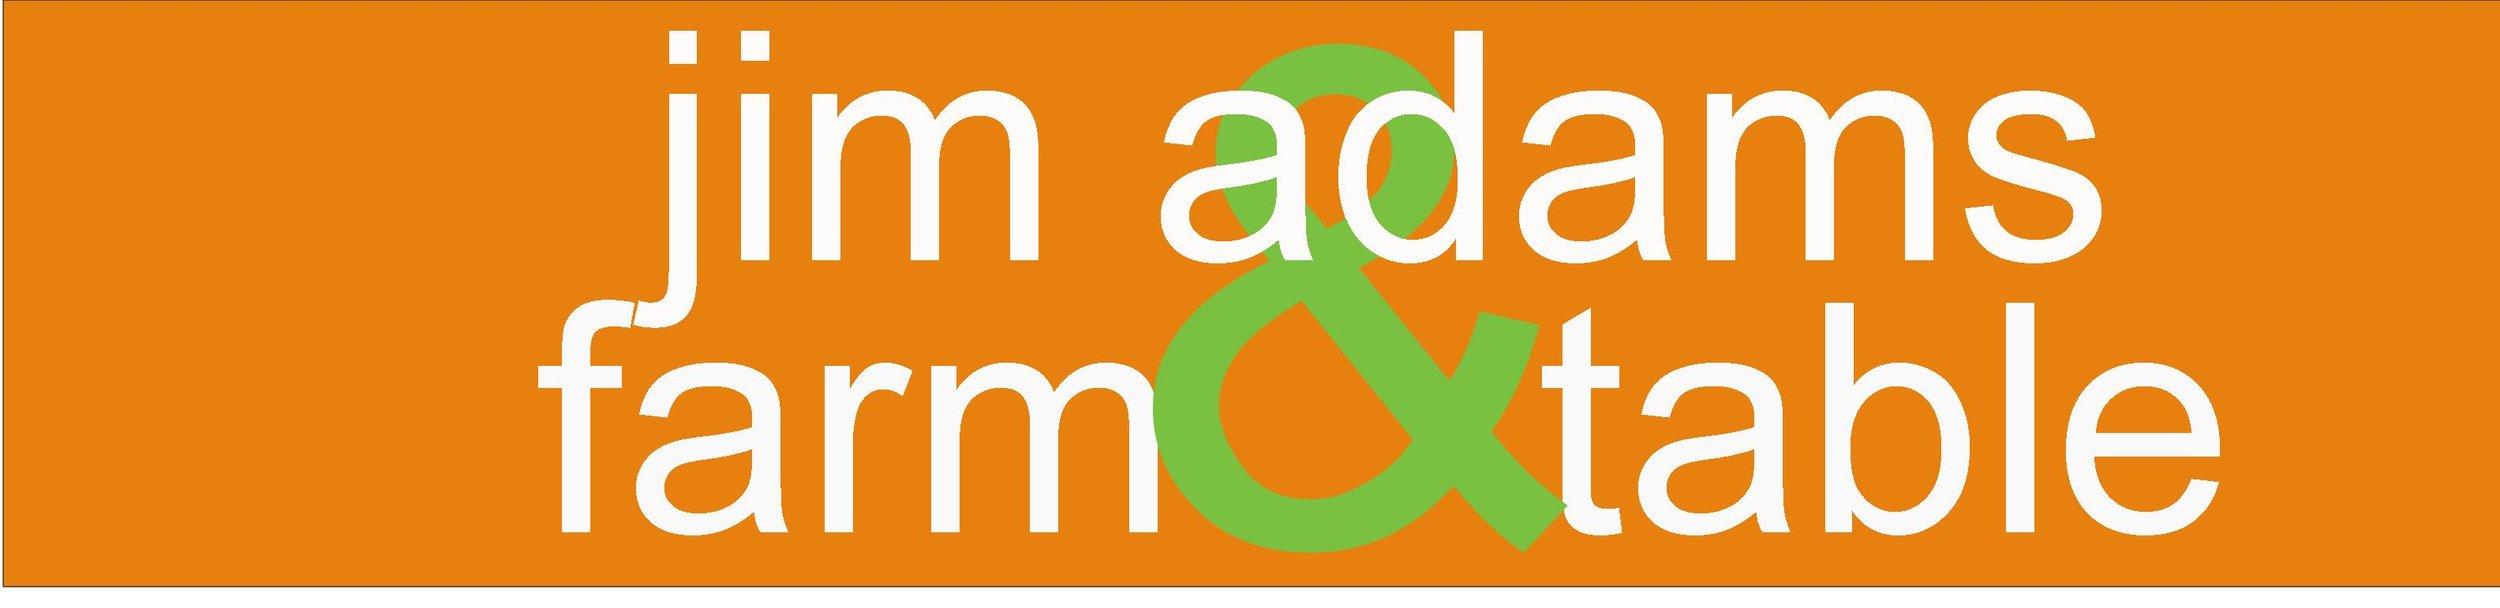 17 jim adams text logo.jpg